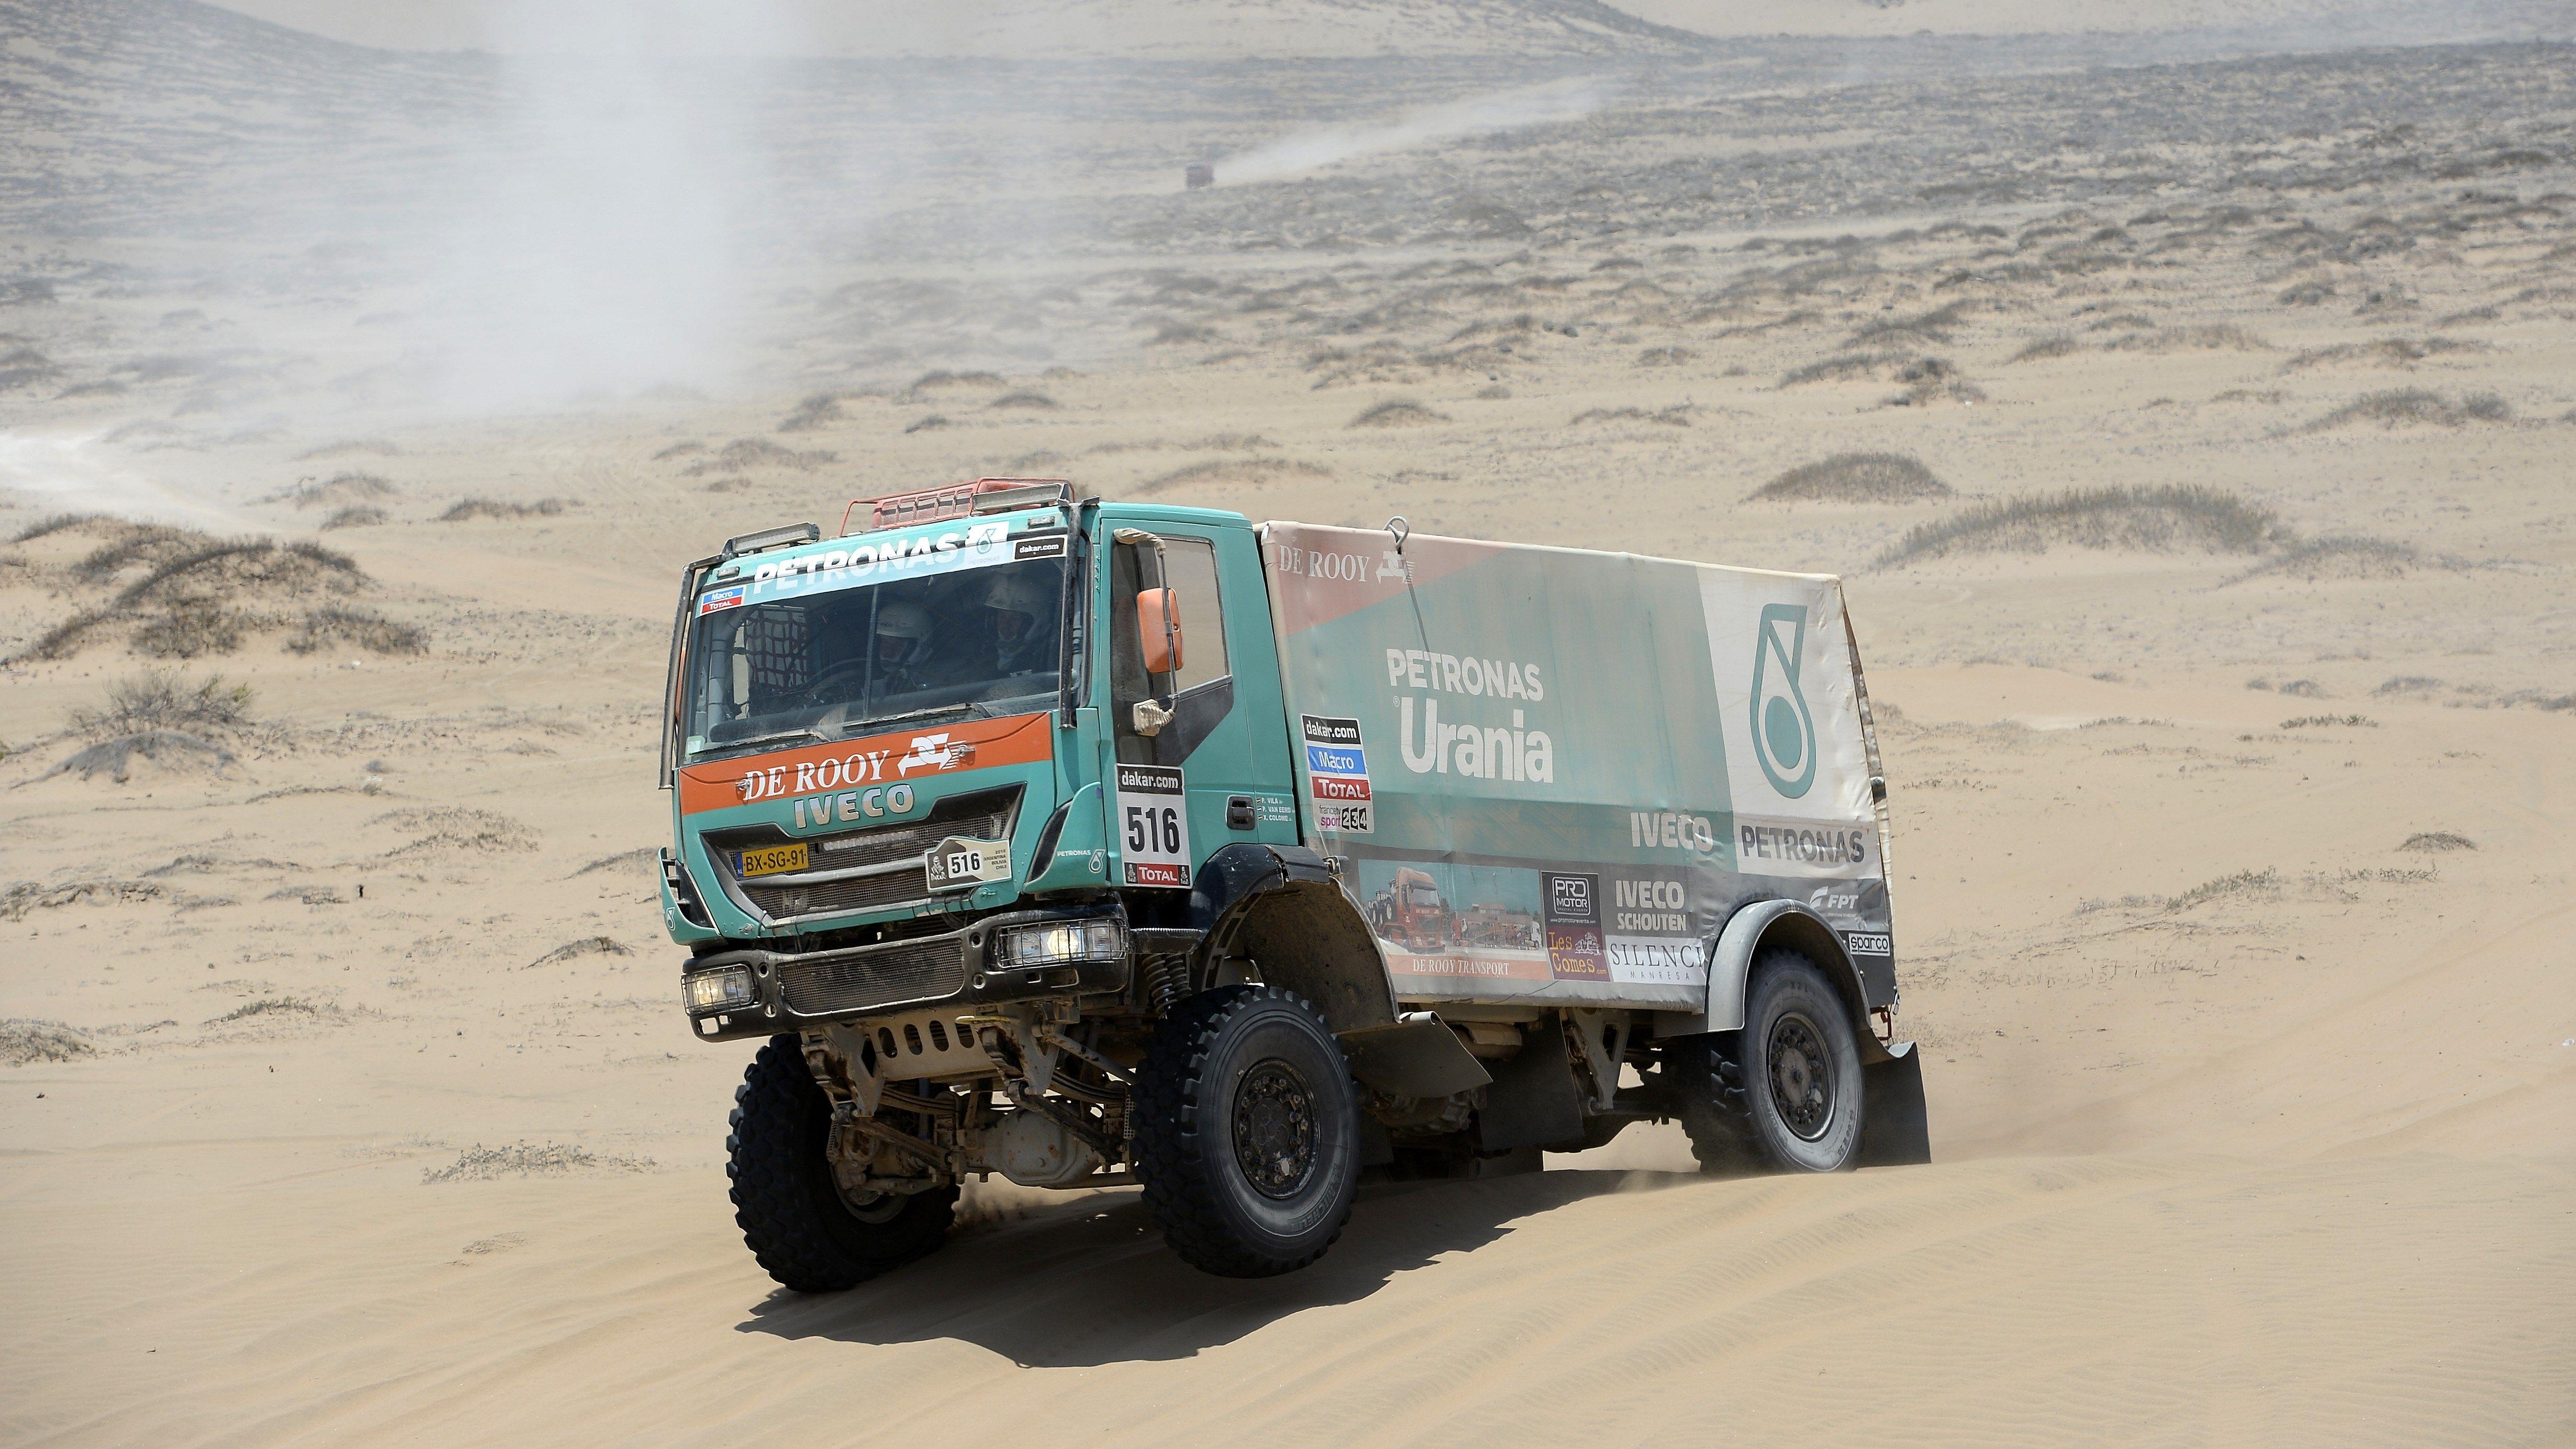 4950x2784 Free High Resolution Wallpaper Dakar Rally